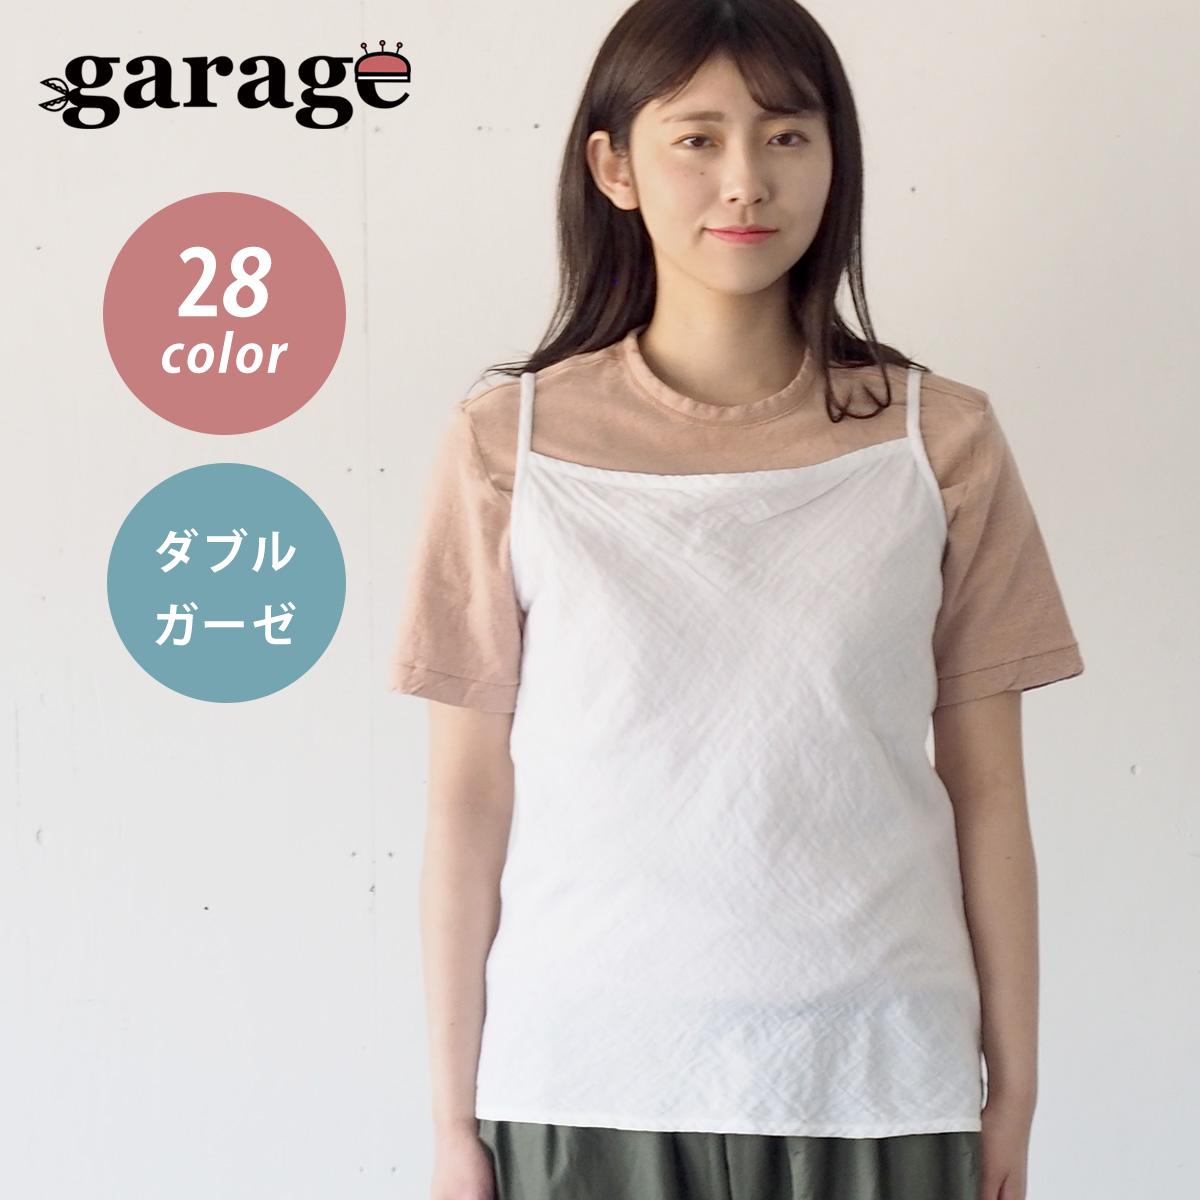 >ガーゼ服工房garage(ガラージ) シンプルキャミソール ダブルガーゼ レディース [TS-42]